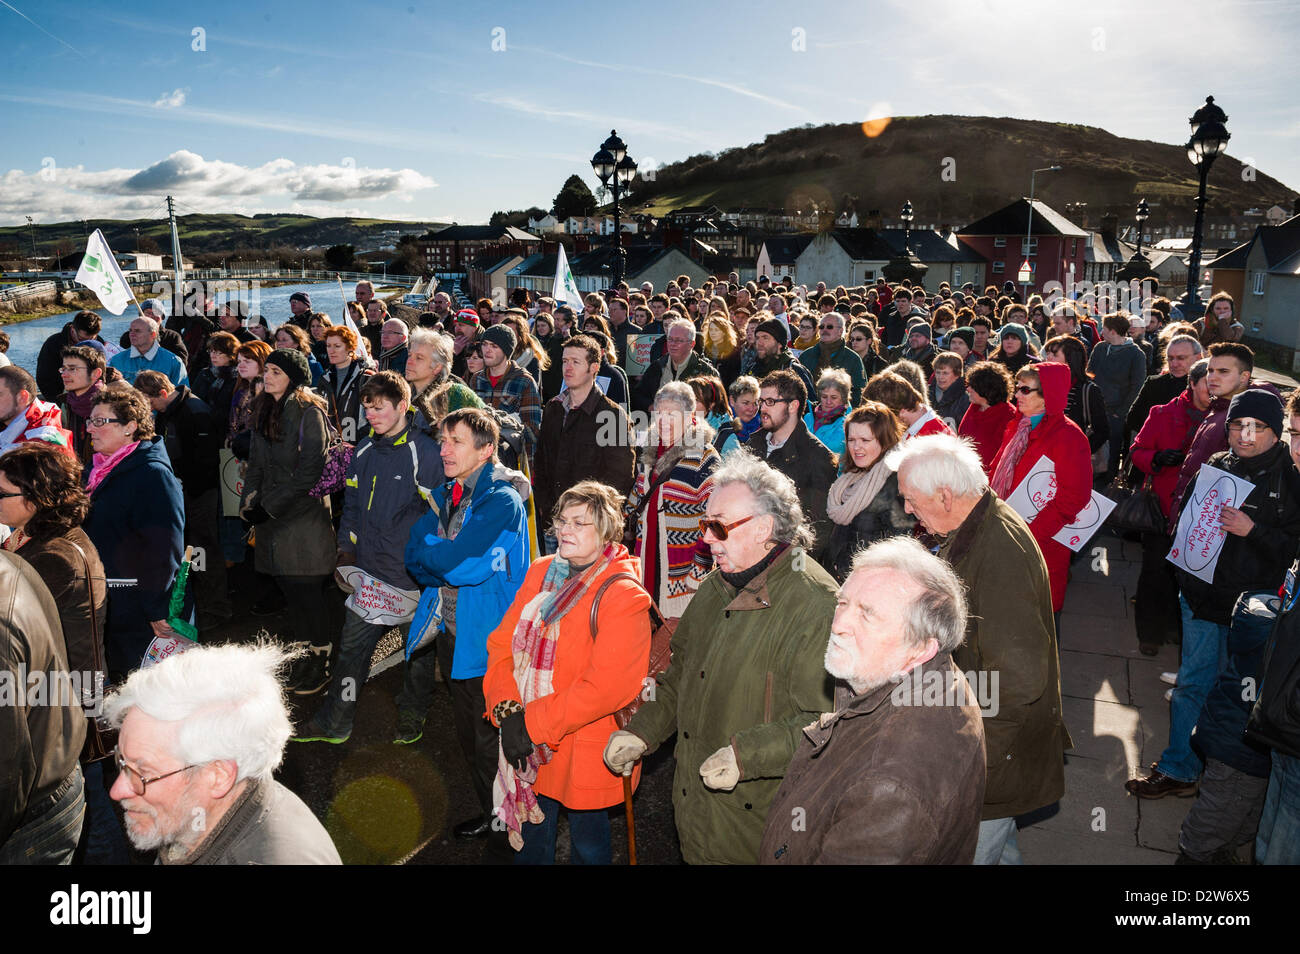 Il 2 febbraio 2013. Aberystwyth, Wales, Regno Unito. Esattamente 50 anni dopo l'originale 'sit down protesta Immagini Stock